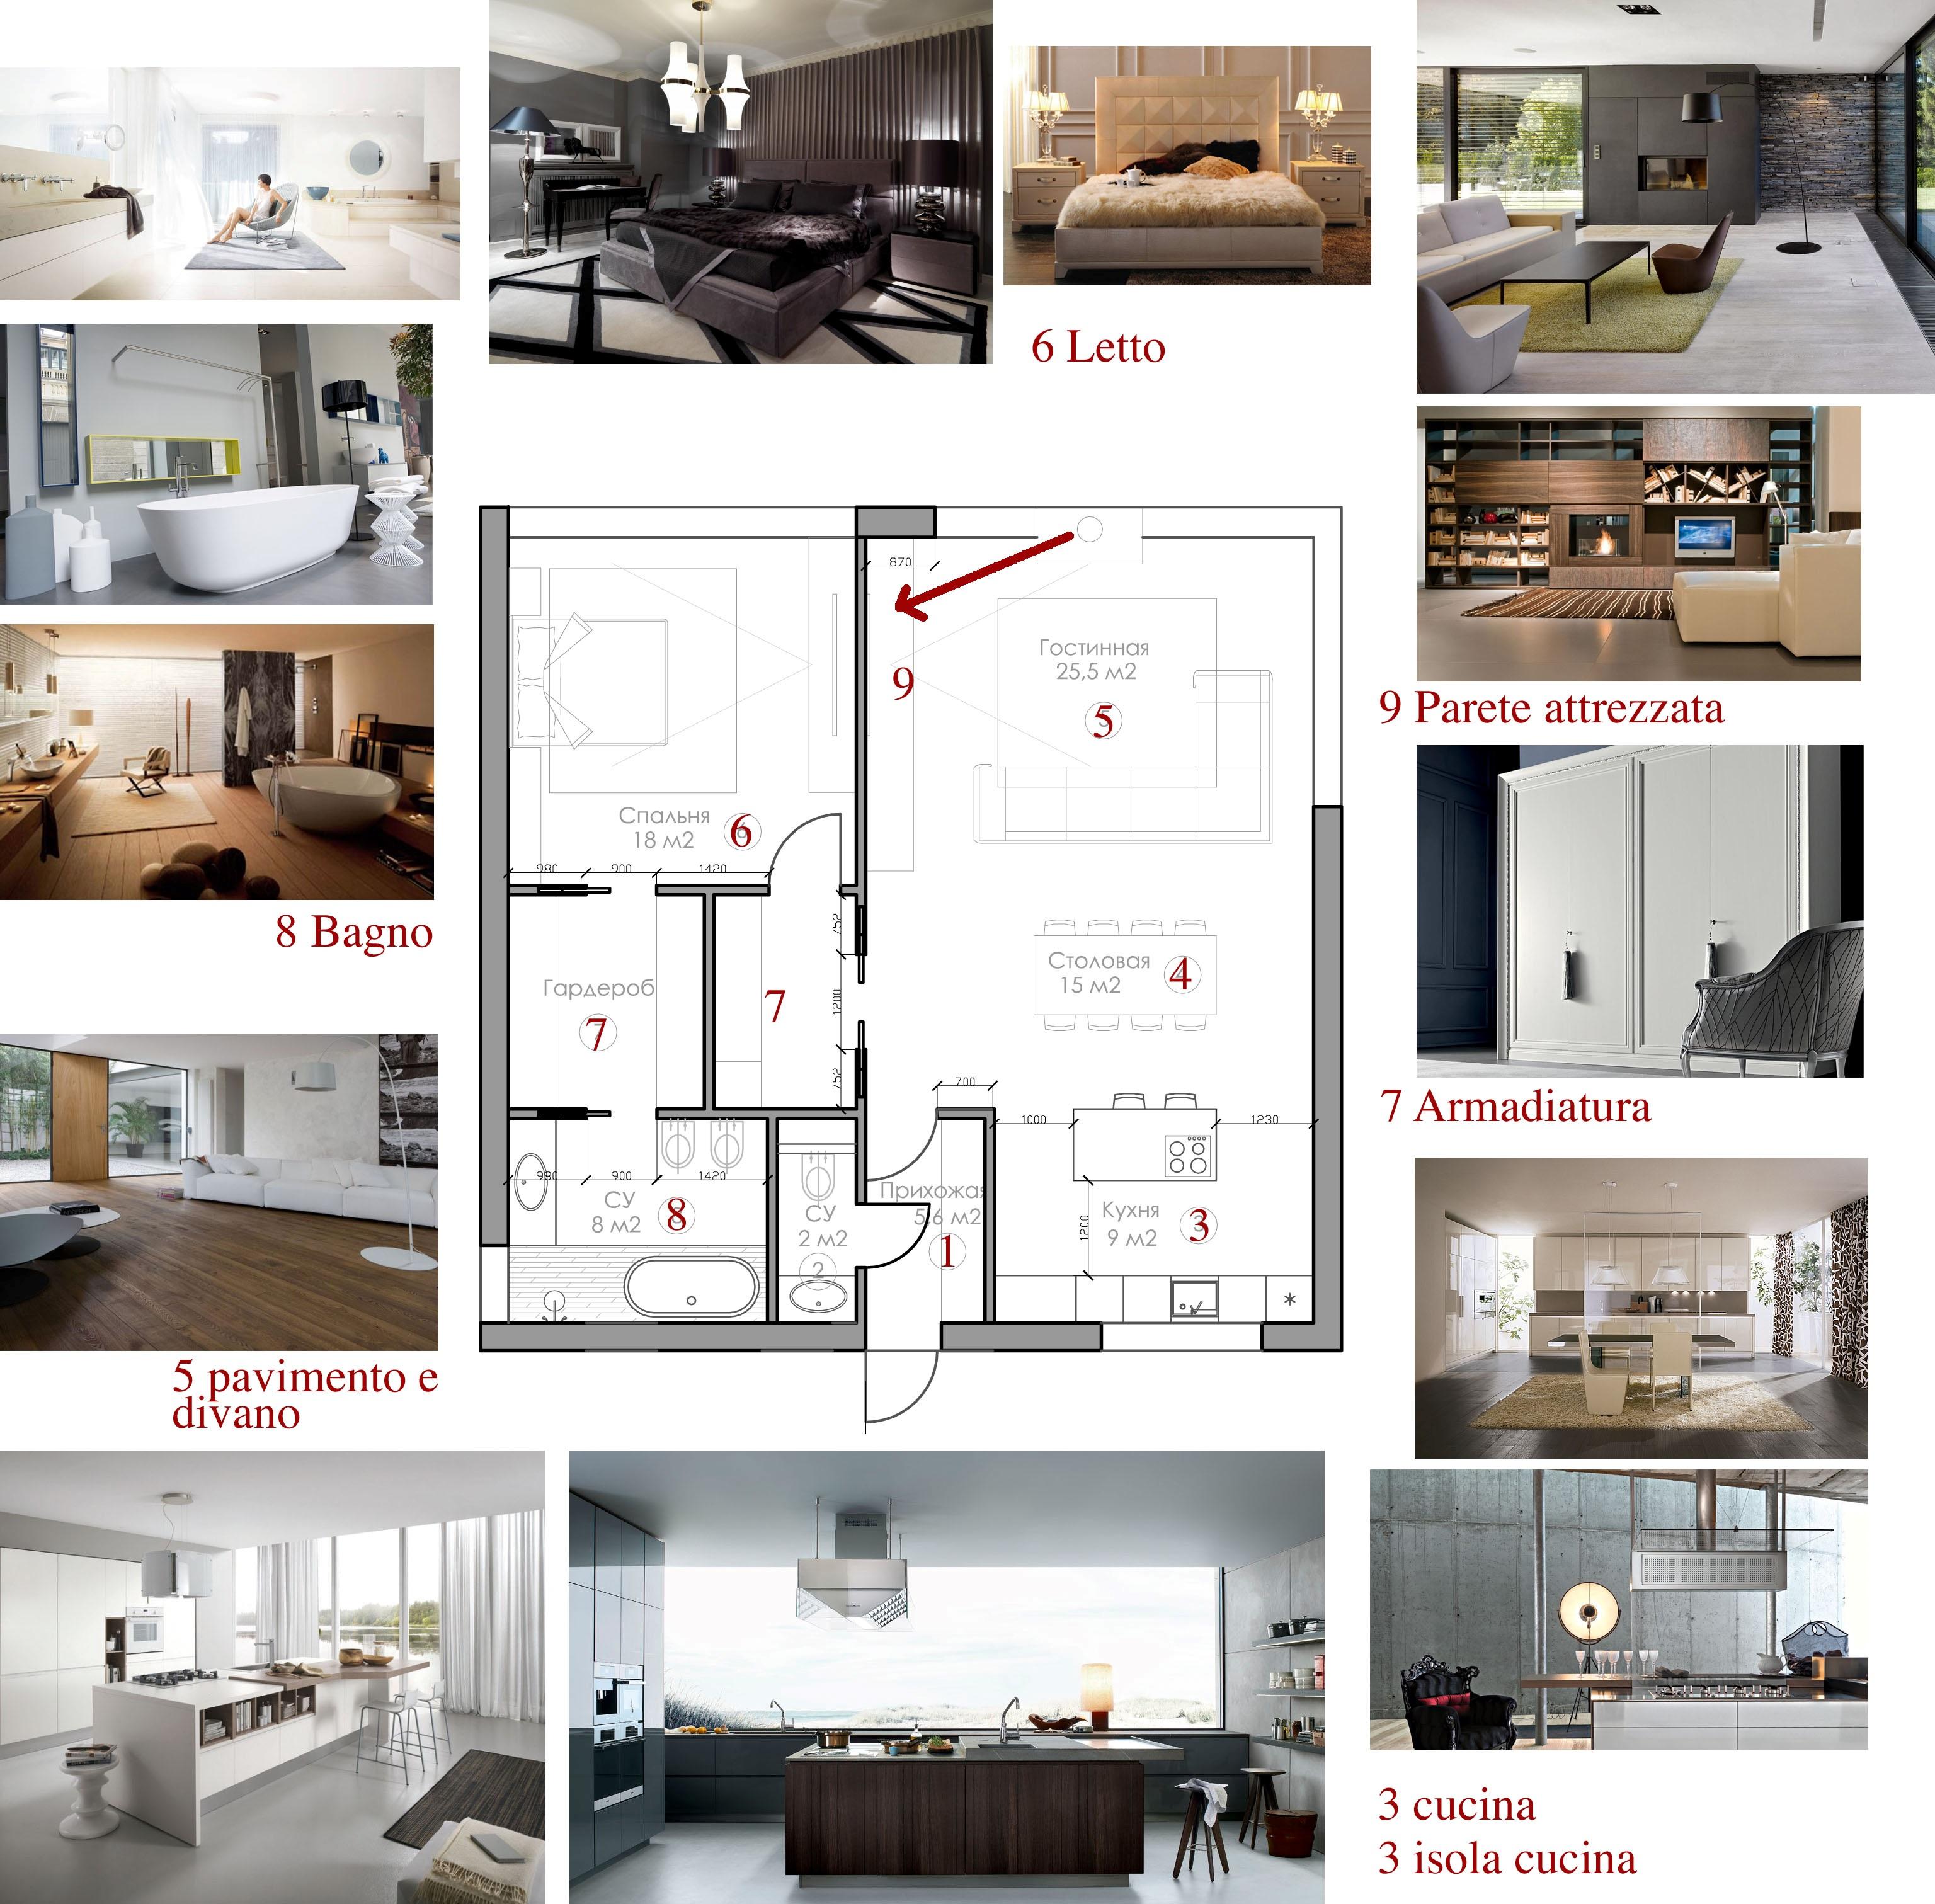 Render per villa esempio di progetto d 39 arredo online for Progetto arredamento online